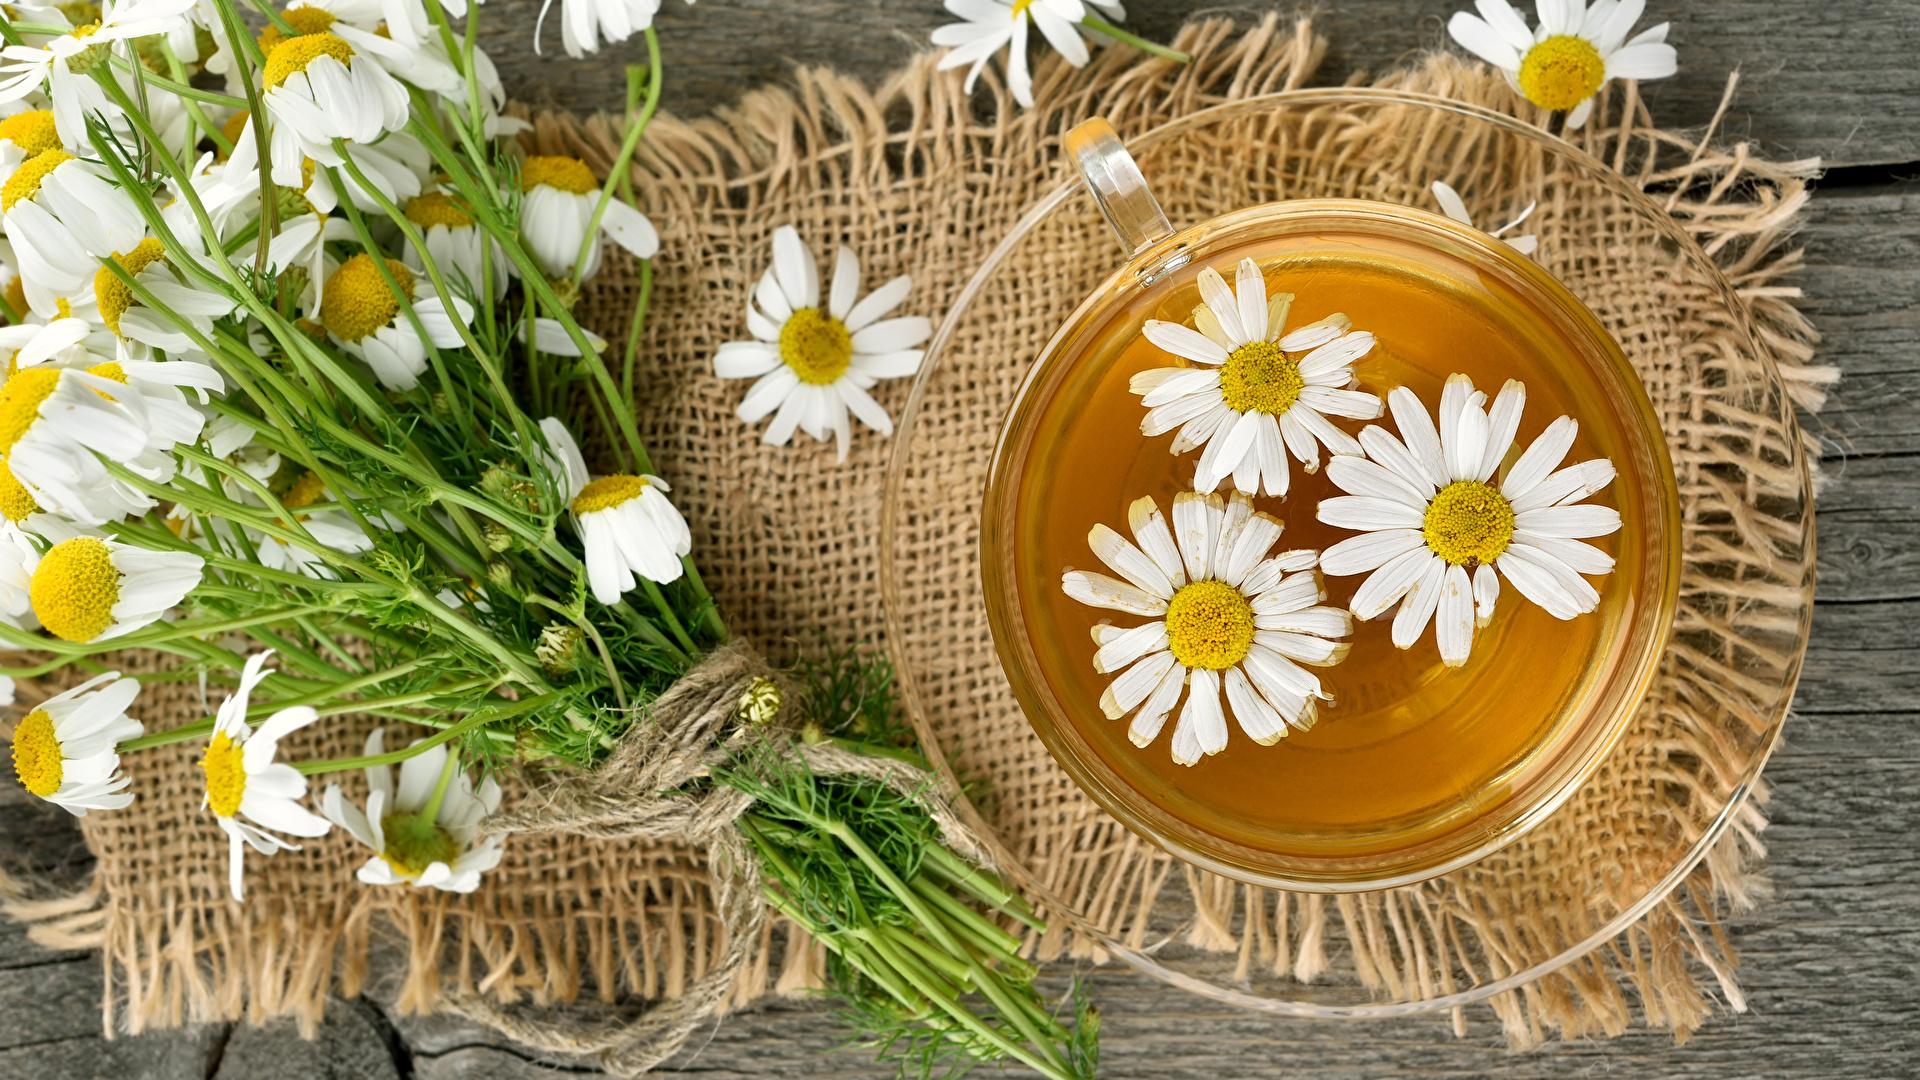 Фотография Чай Ромашки Чашка Продукты питания 1920x1080 Еда Пища